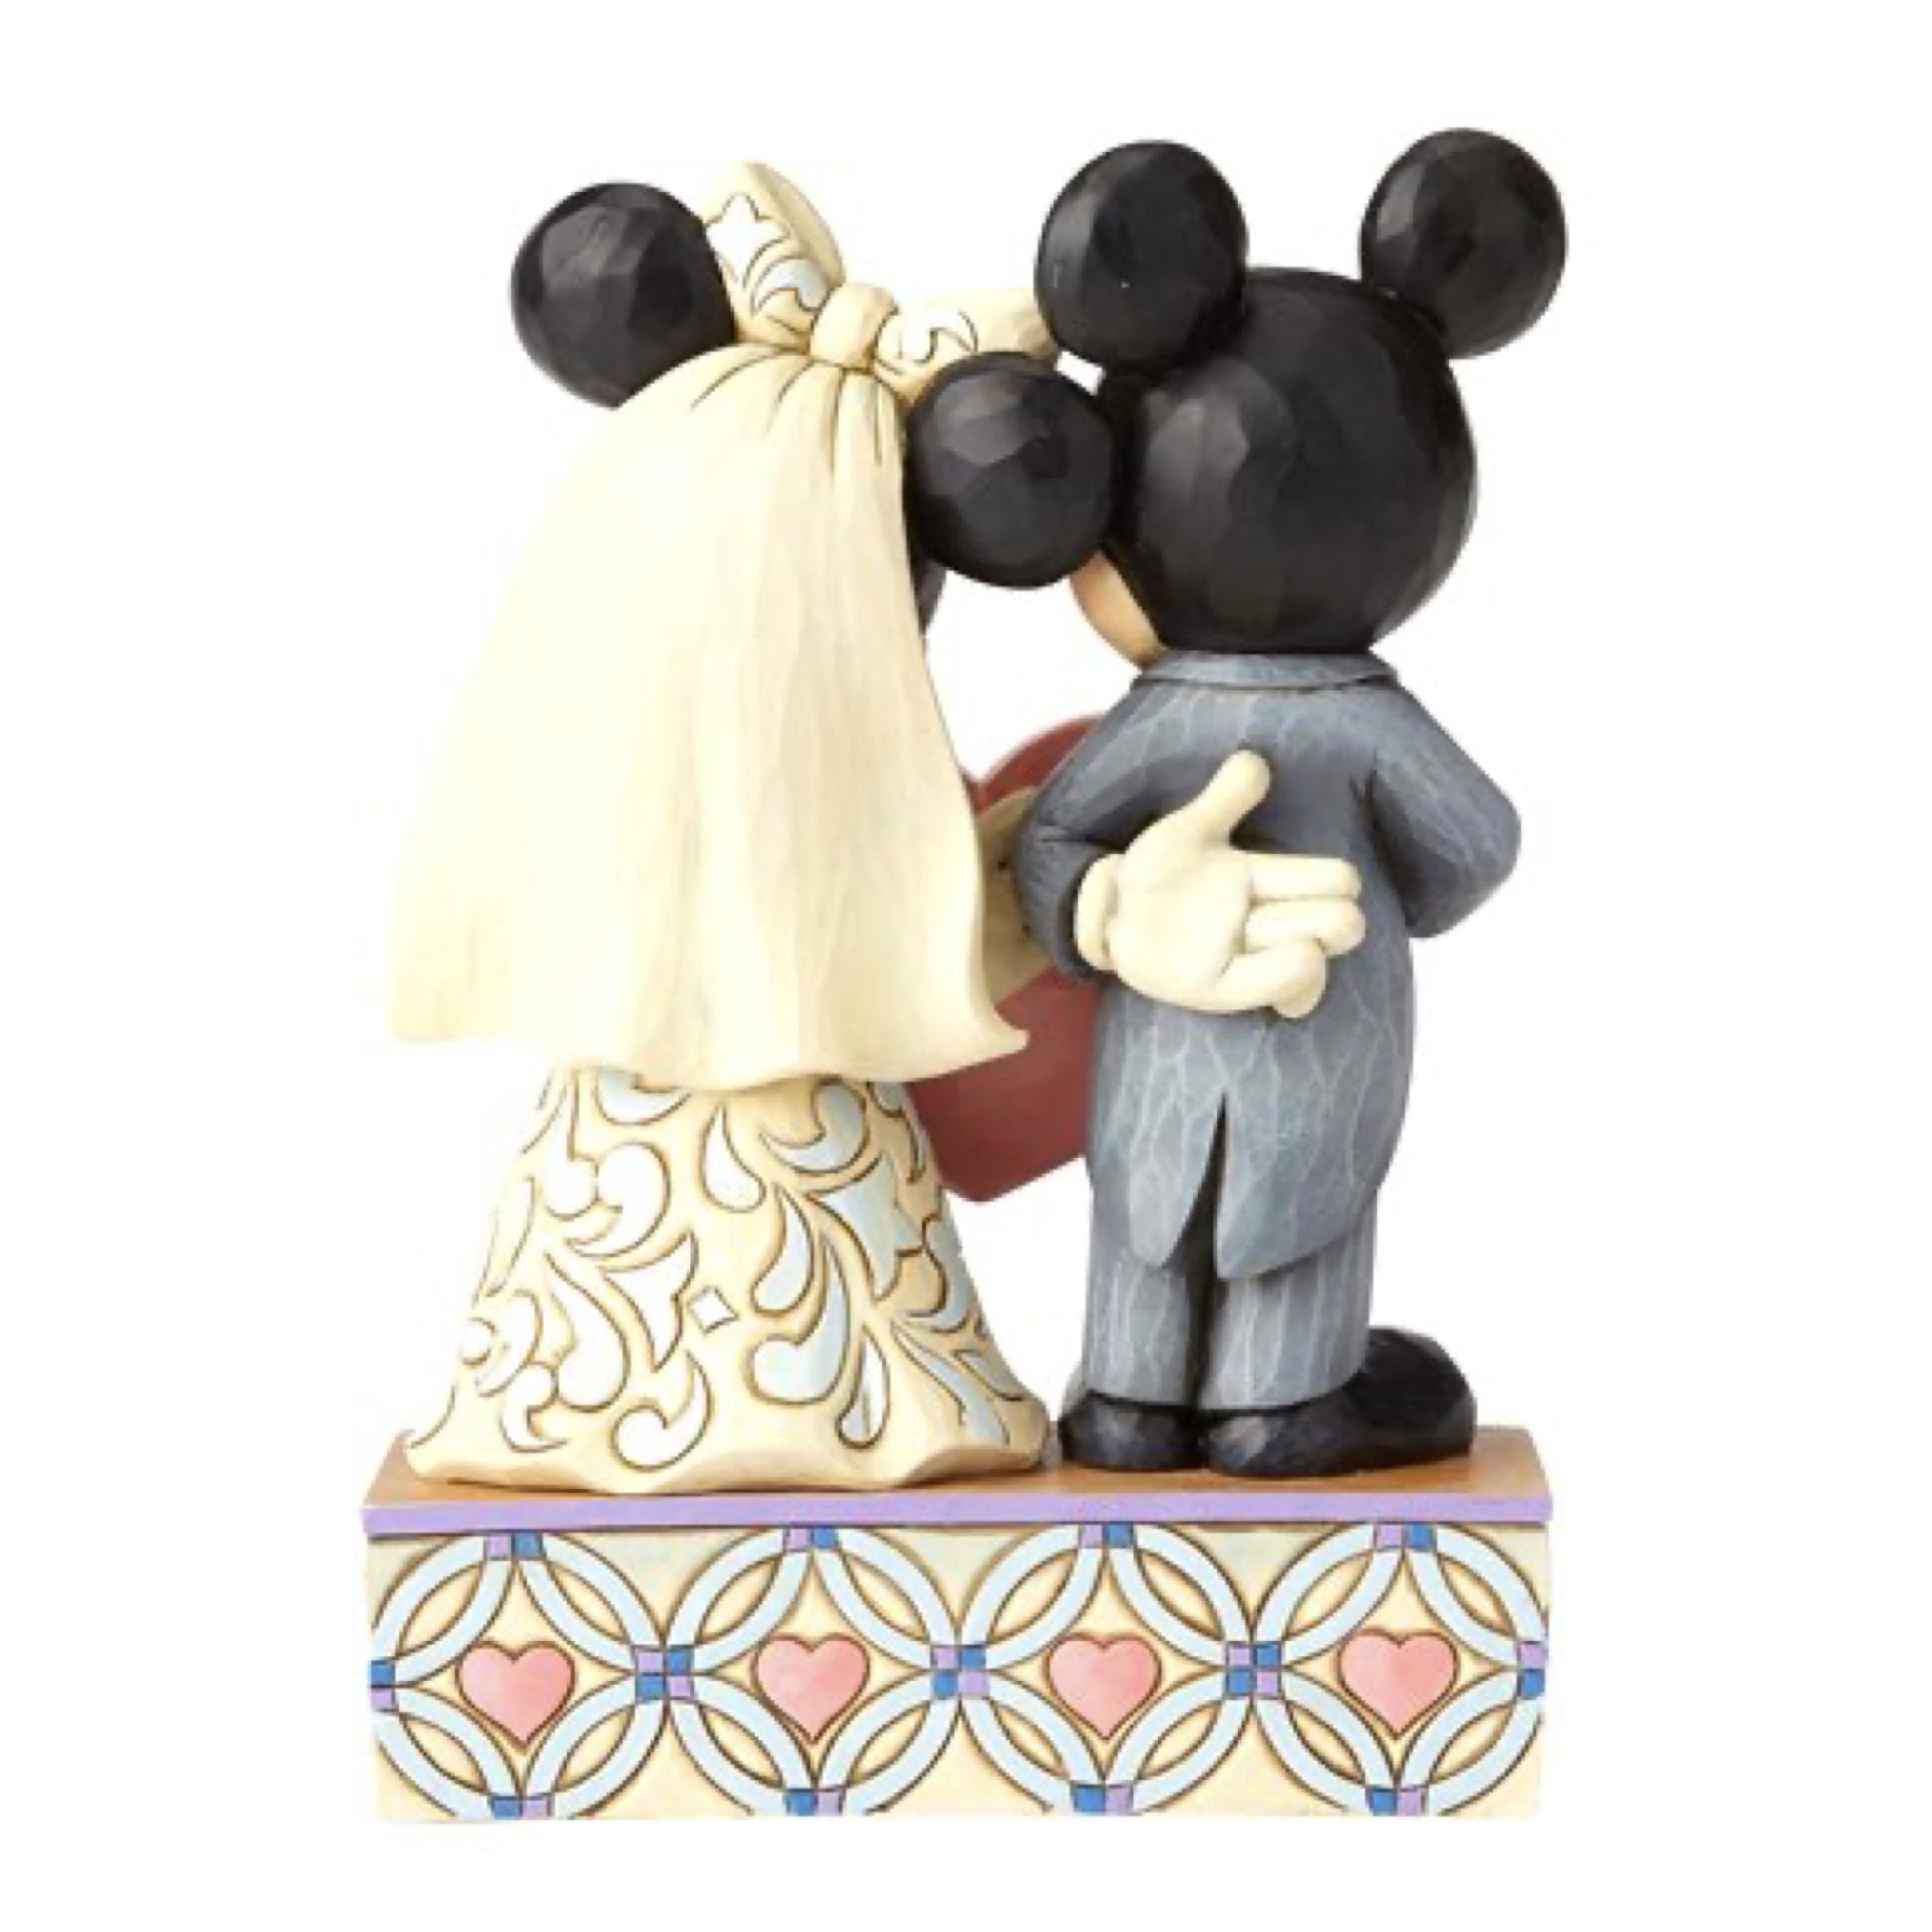 مجسمه عروسی میکی موس و مینی